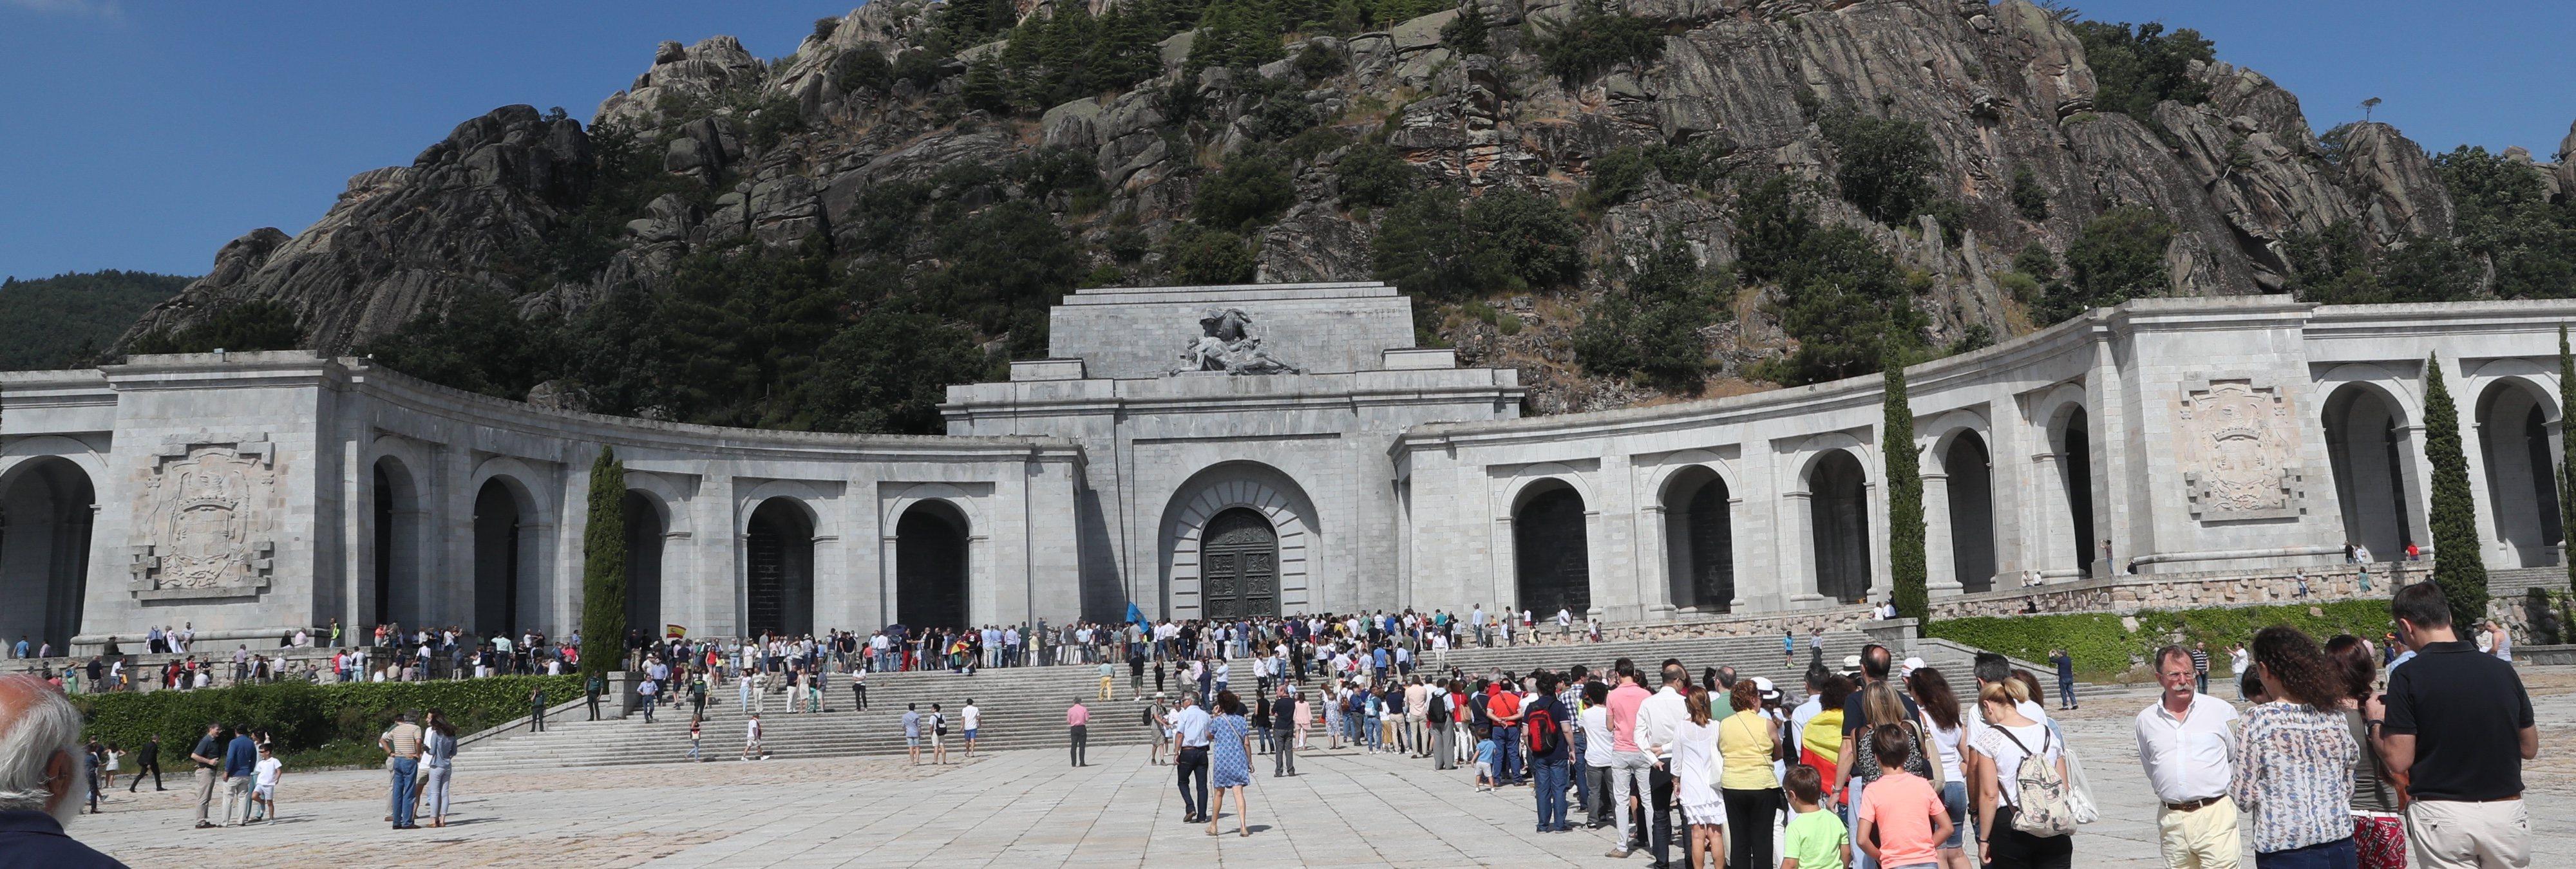 La exhumación de Franco aumenta las visitas al Valle de los Caídos y las concentraciones fascistas